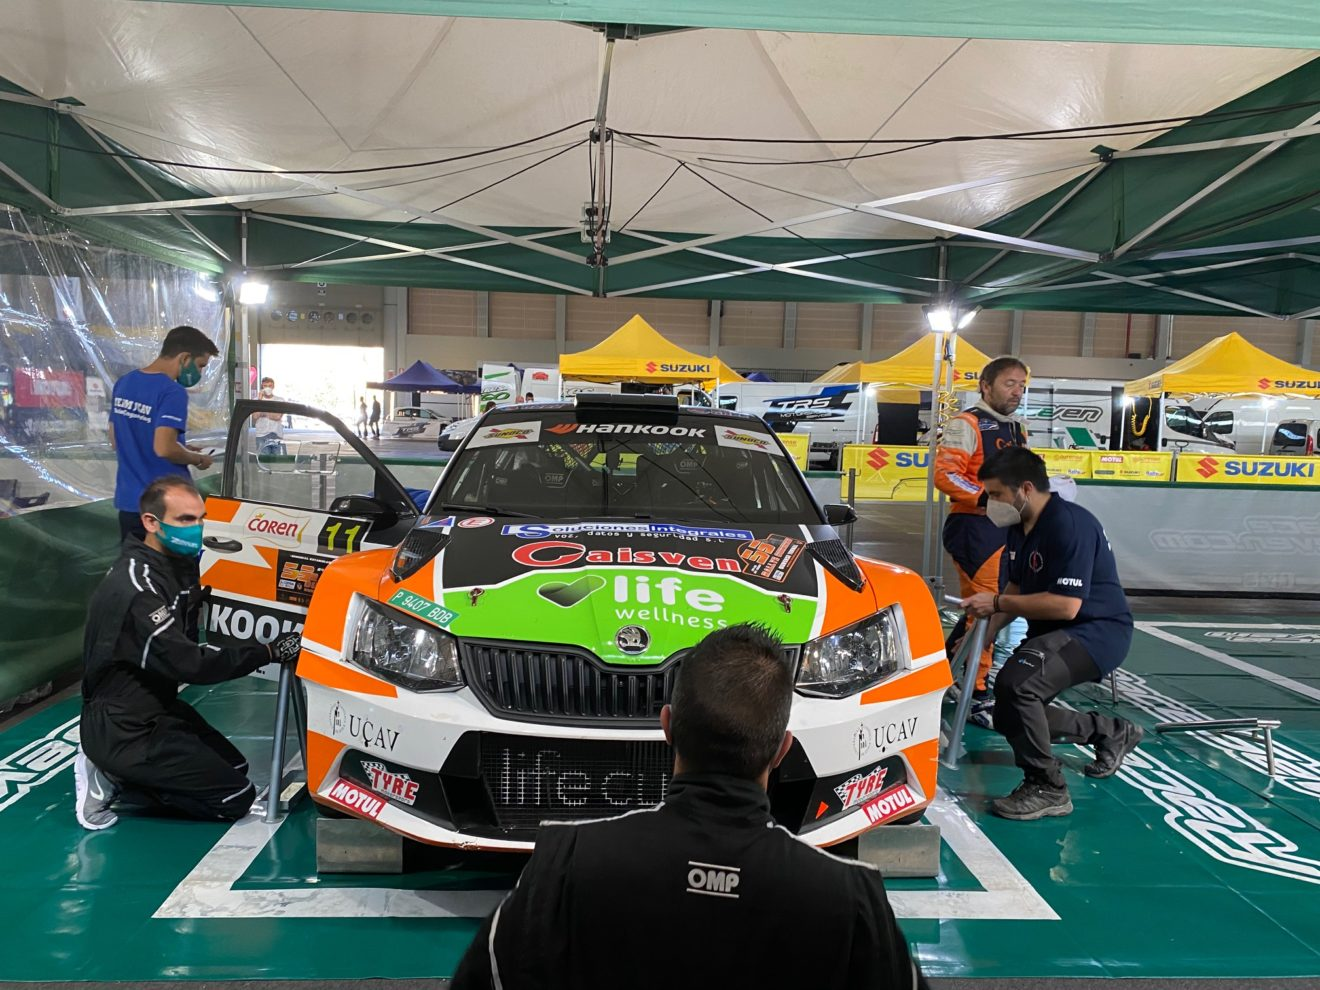 Los alumnos del UCAV Racing trabajan para el Race Seven en la primera prueba del CERA, una de las citas de máximo nivel